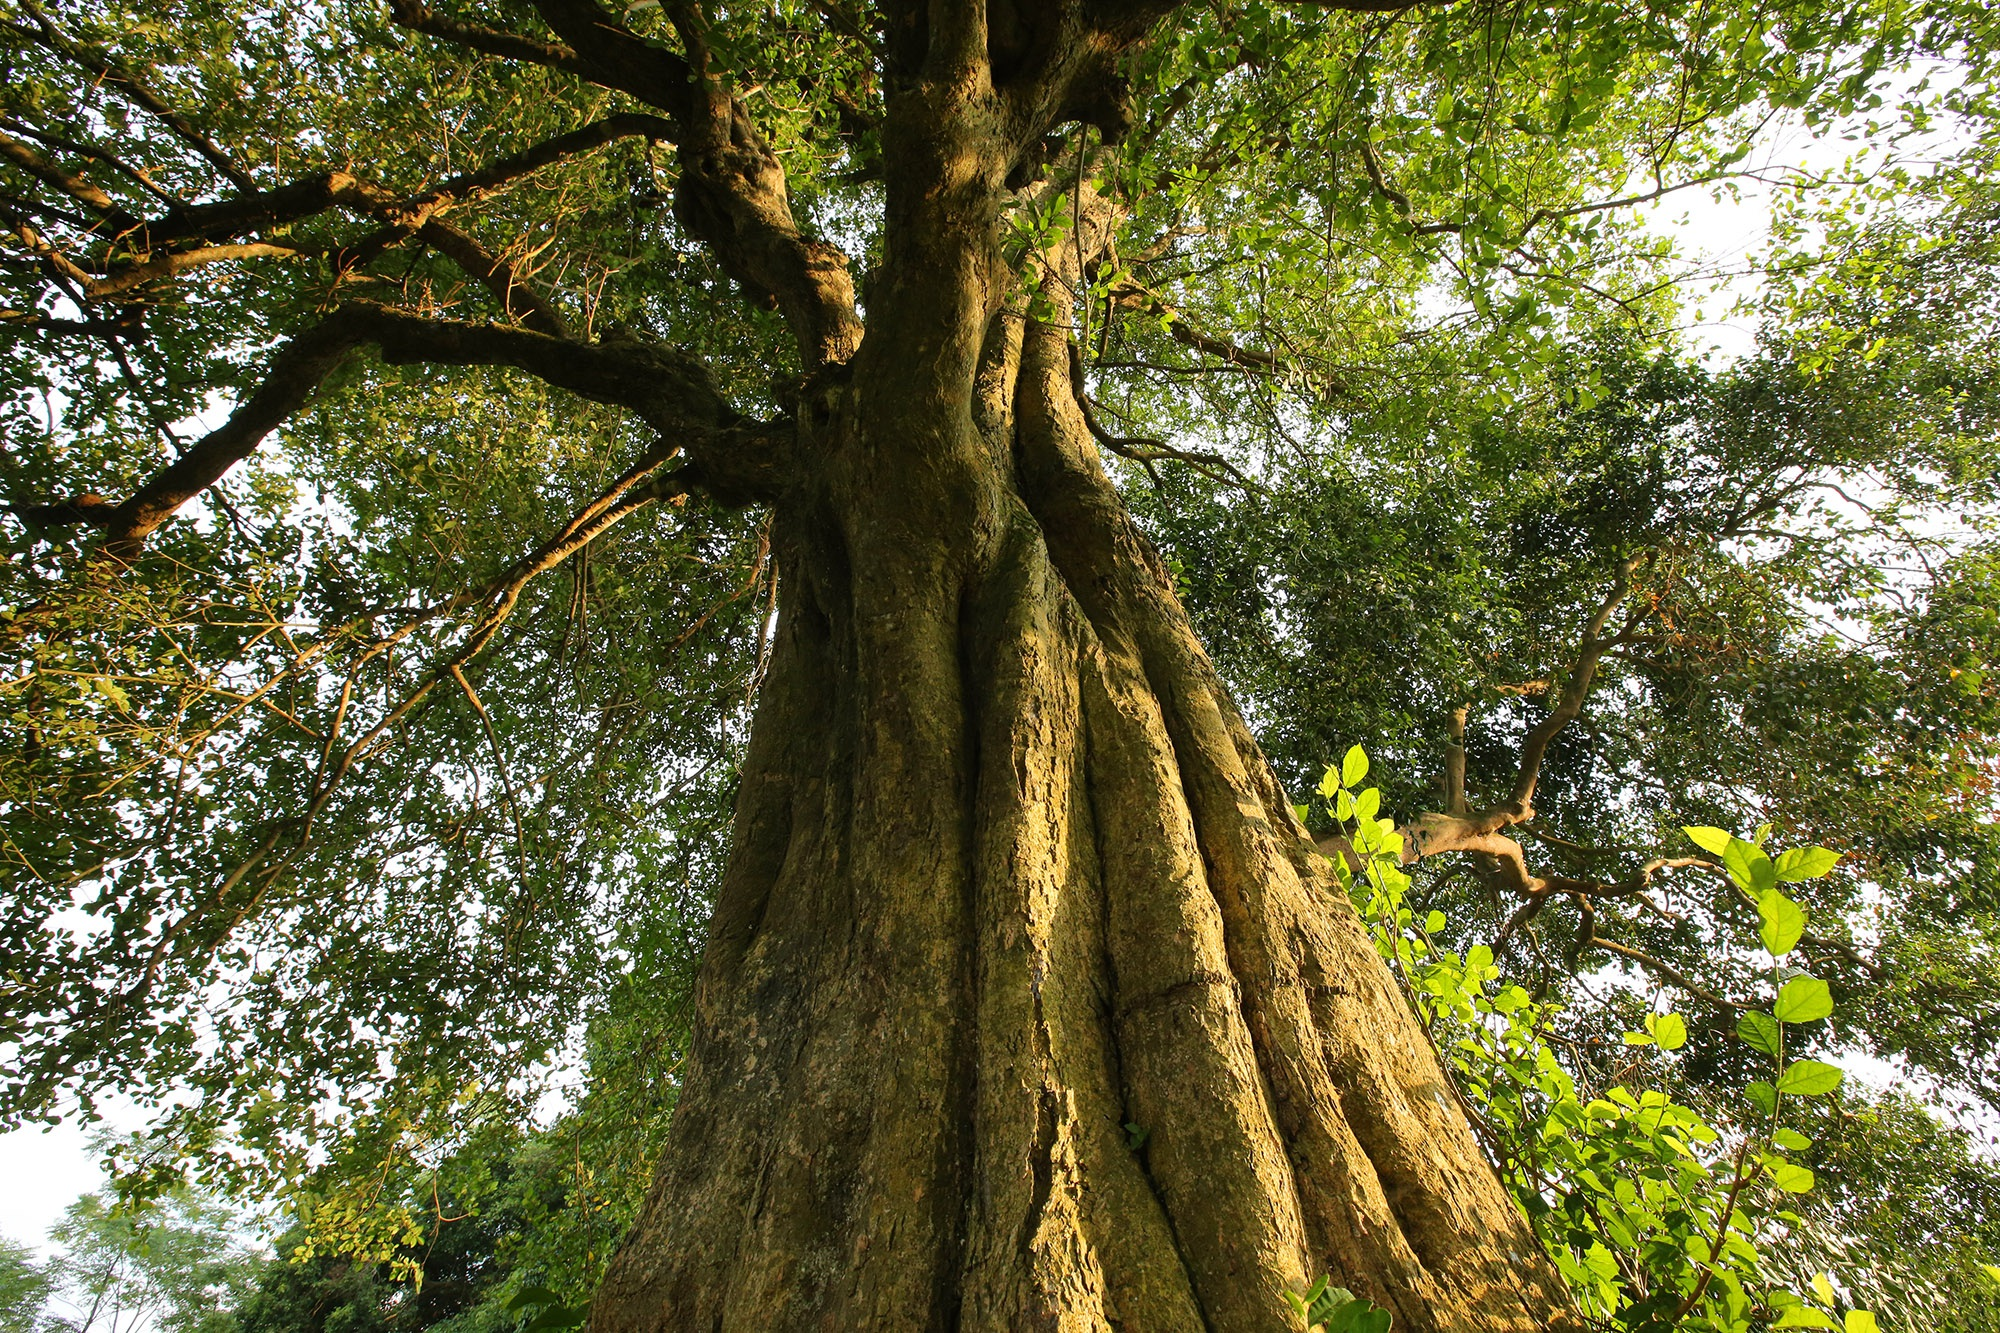 Rặng cây duối cổ hơn 1000 năm tuổi ở Hà Nội - 3